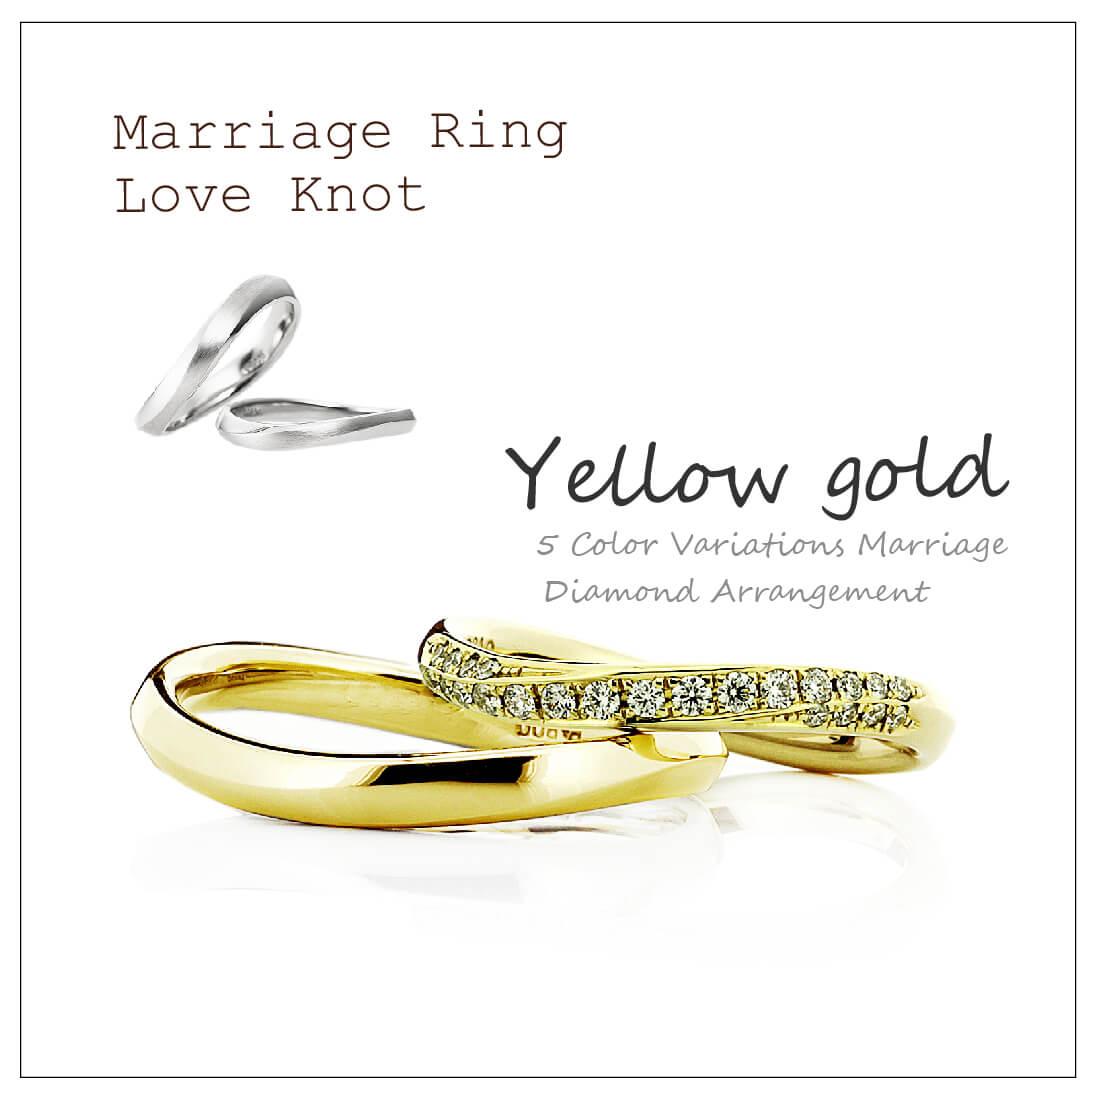 ウエーブの結婚指輪です。2本ともイエローゴールドで、レディースは全面にダイヤモンドを並べているのでキラキラしています。